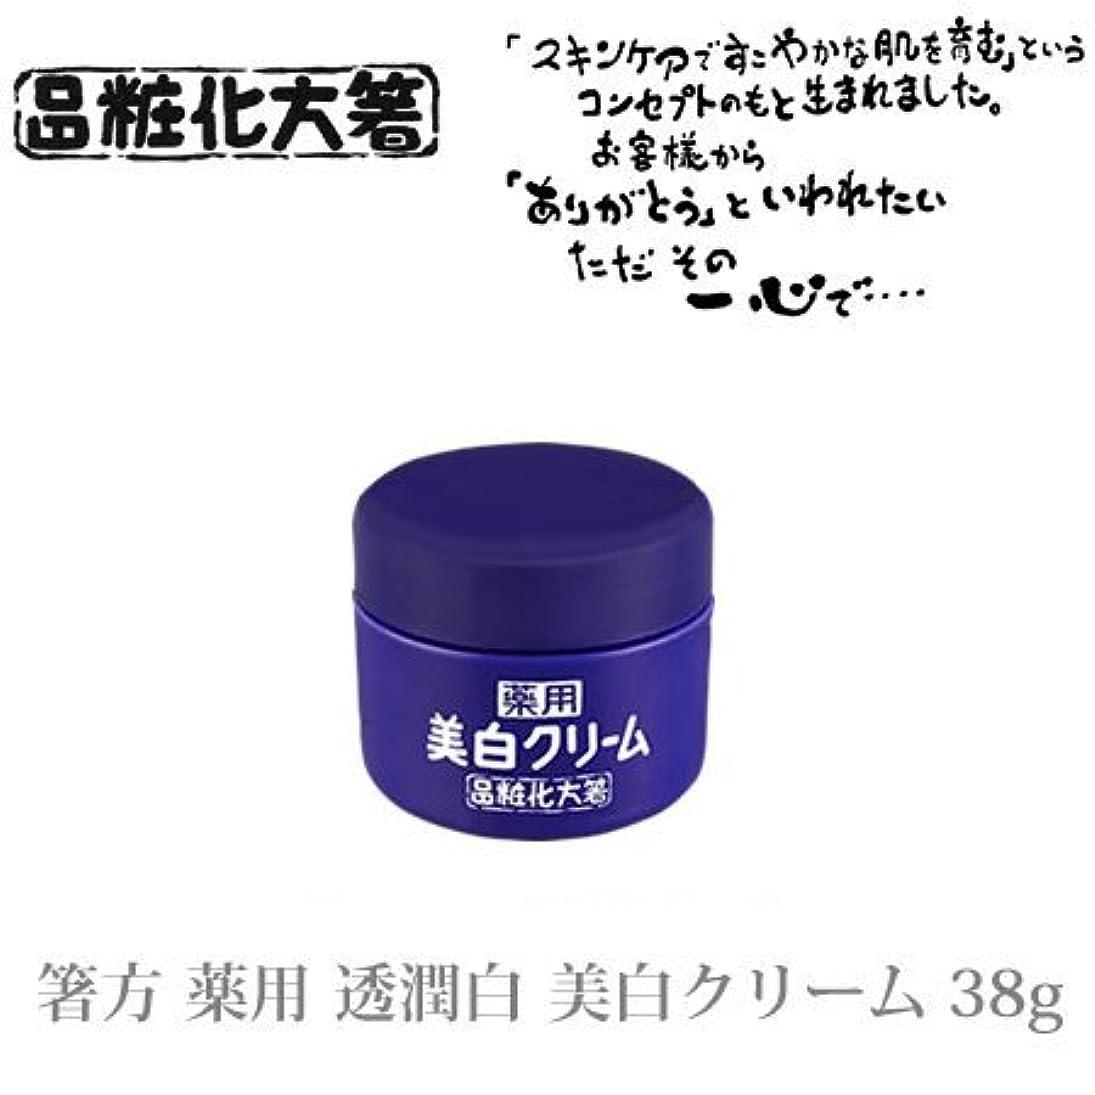 寄付する選ぶわずかな箸方化粧品 薬用 透潤白 美白クリーム 38g はしかた化粧品